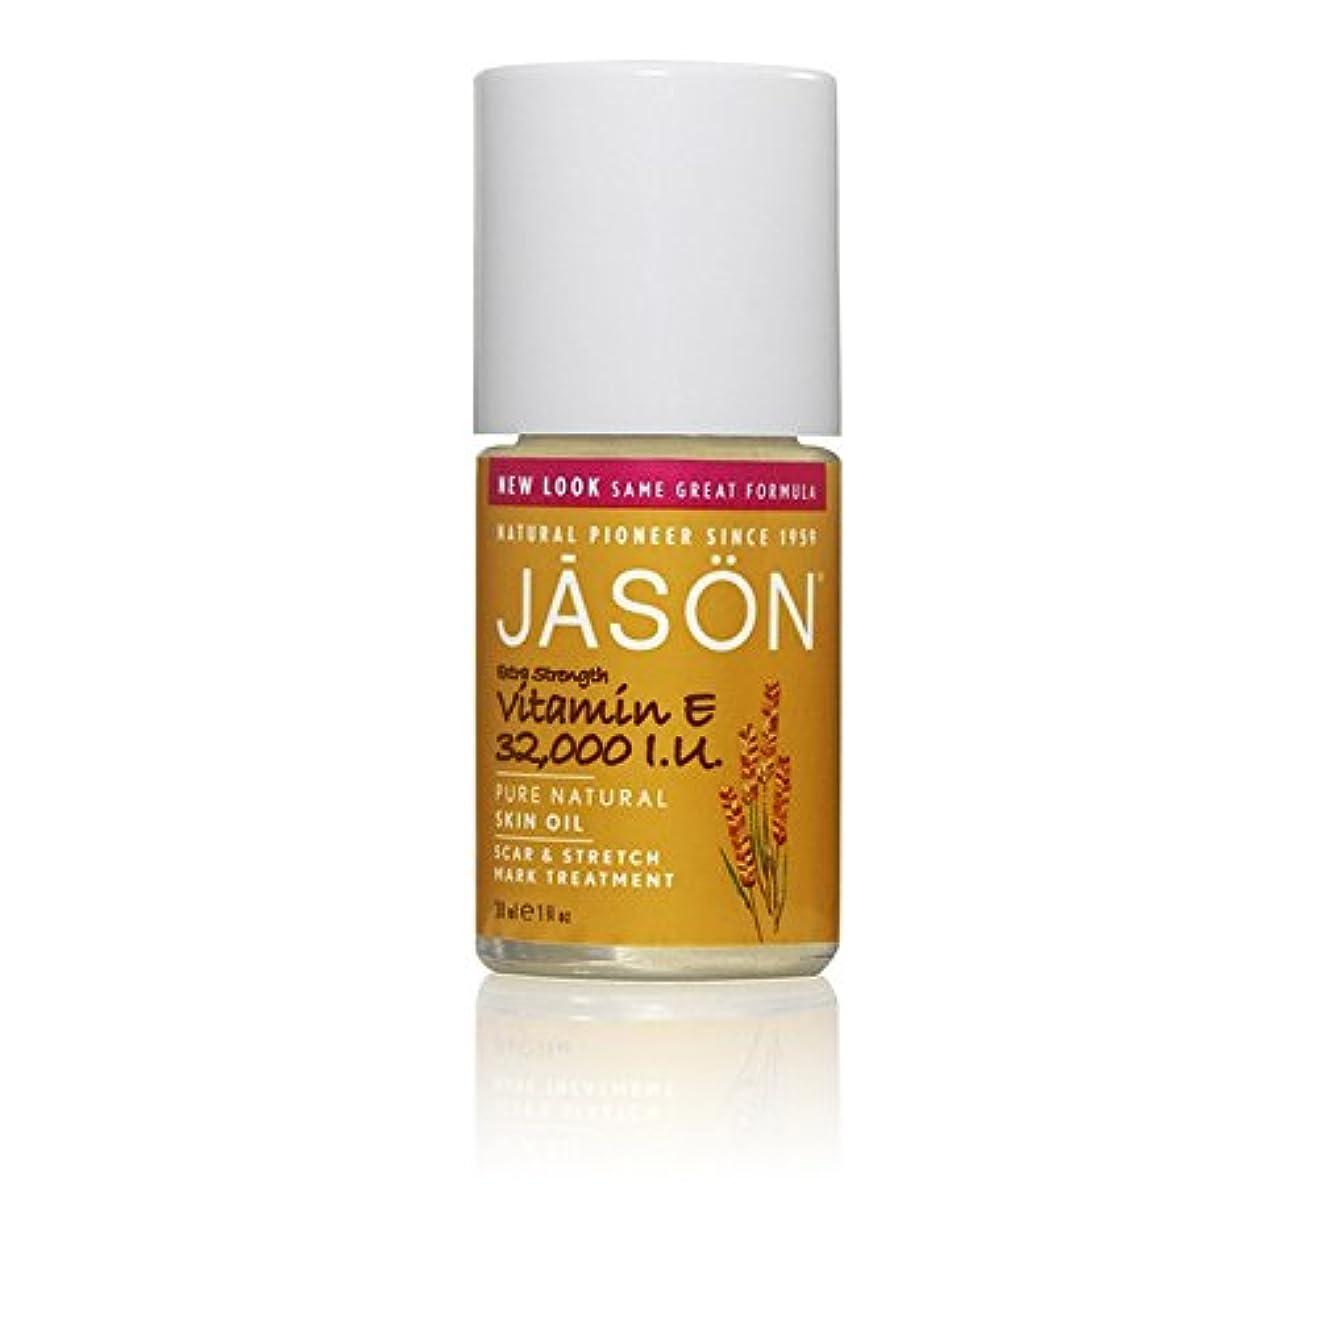 焦げ冊子グリップジェイソン?ビタミン 32,000オイル傷跡&ストレッチマークトリートメント33ミリリットル x4 - Jason Vitamin E 32,000iu Oil Scar & Stretch Mark Treatment 33ml (Pack of 4) [並行輸入品]